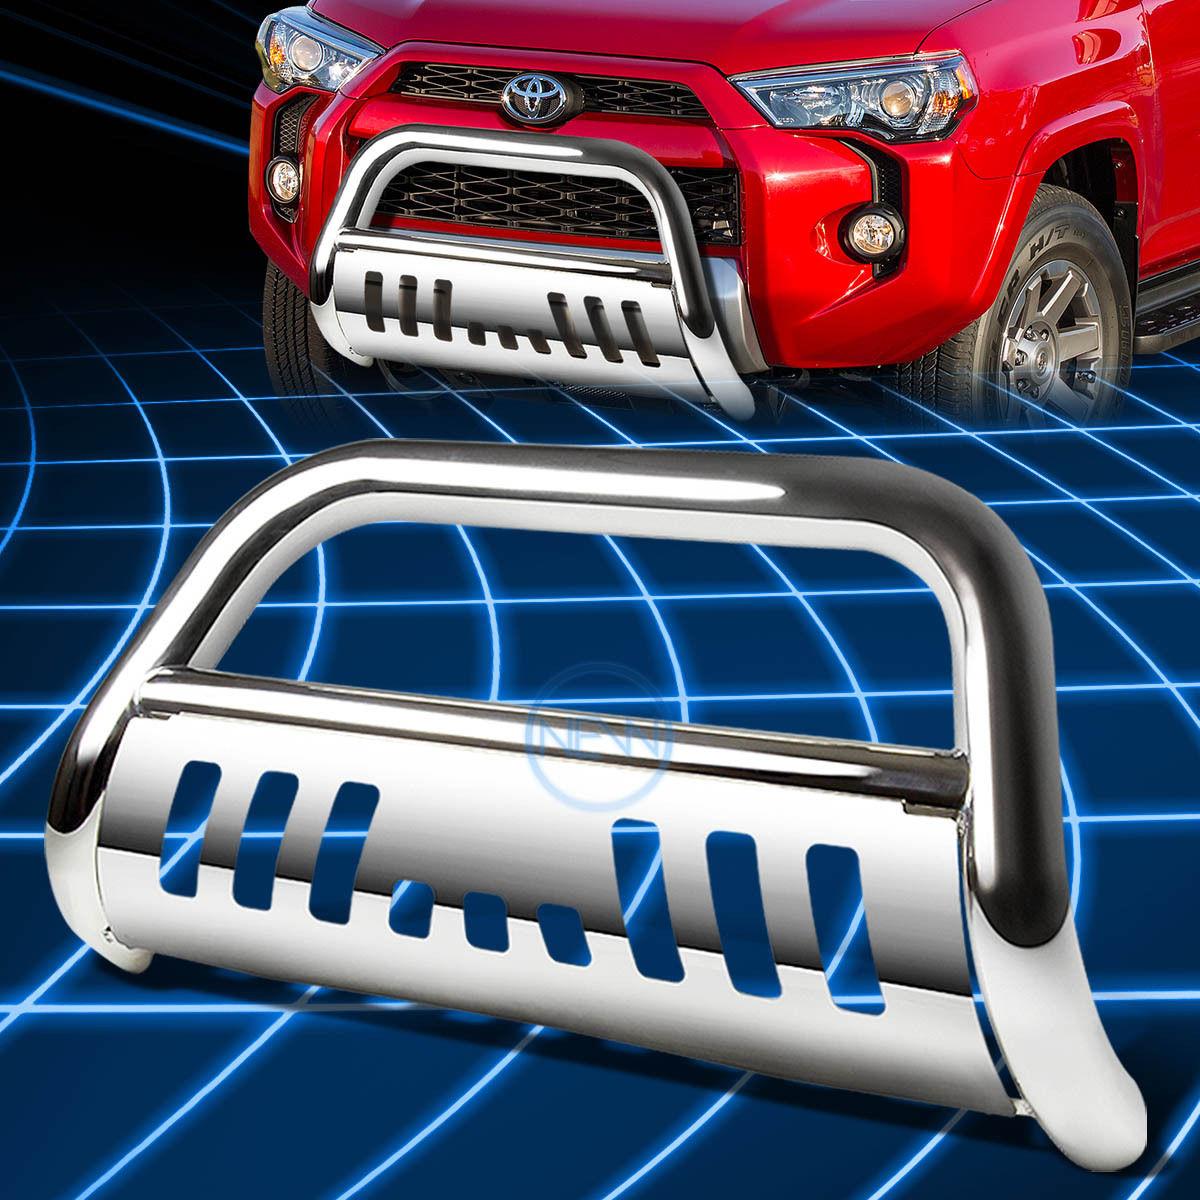 グリル クロームSSフロントバンパーブルバーグリルガード2010-2016トヨタ4Runner N280 Chrome SS Front Bumper Bull Bar Grille Guard for 2010-2016 Toyota 4Runner N280